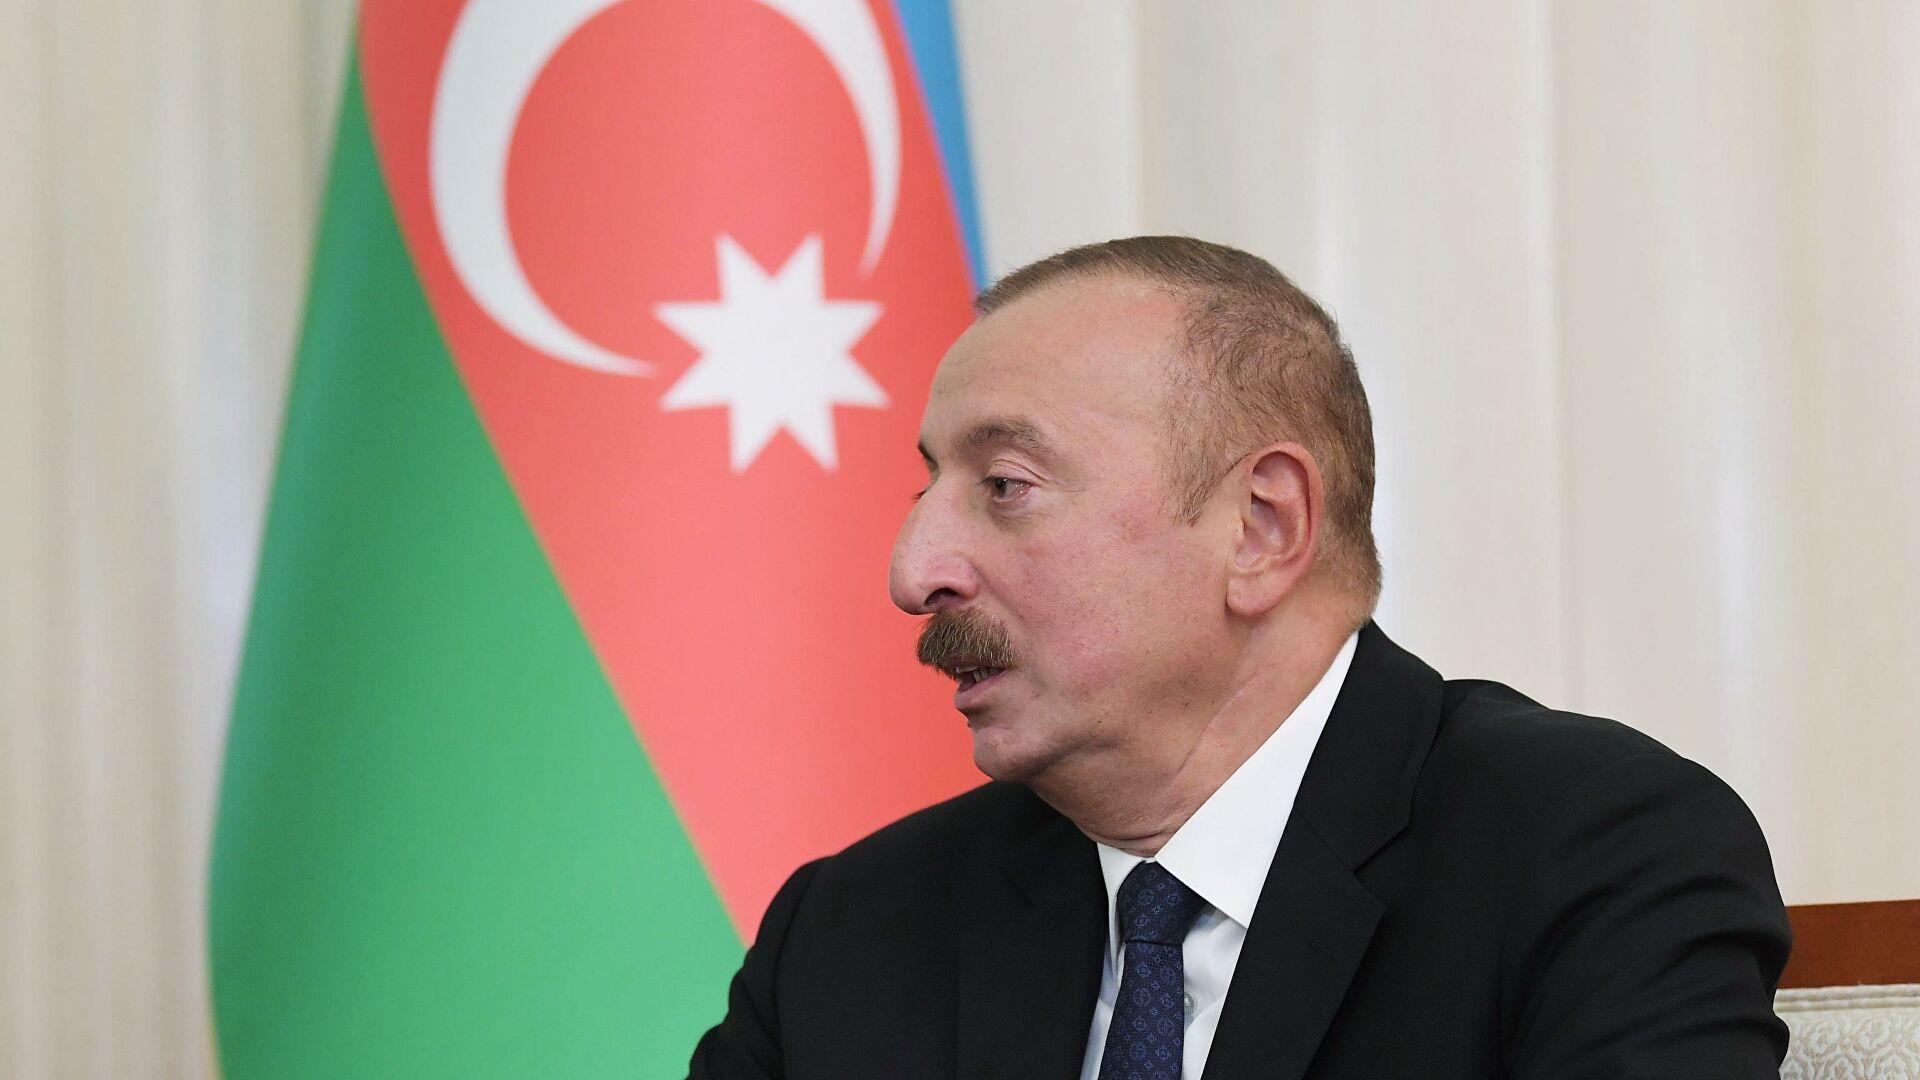 Алијев: Ићи ћемо до краја ако Јереван не пристане на повлачење војске из Карабаха путем преговора и у најкраћем року